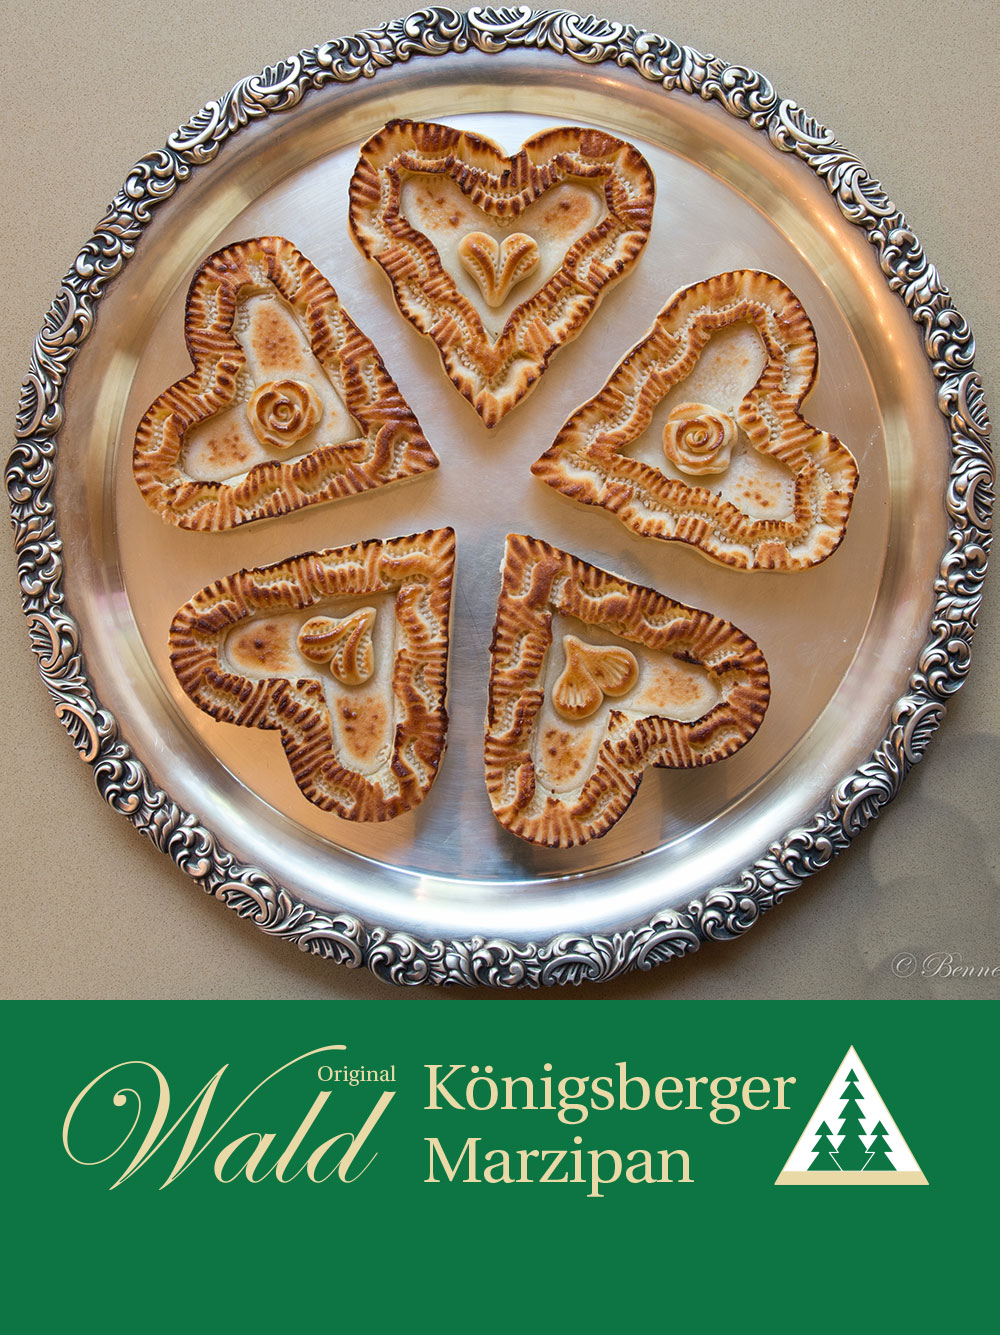 Original Wald Königsberger Marzipanherzen geflämmt 380g